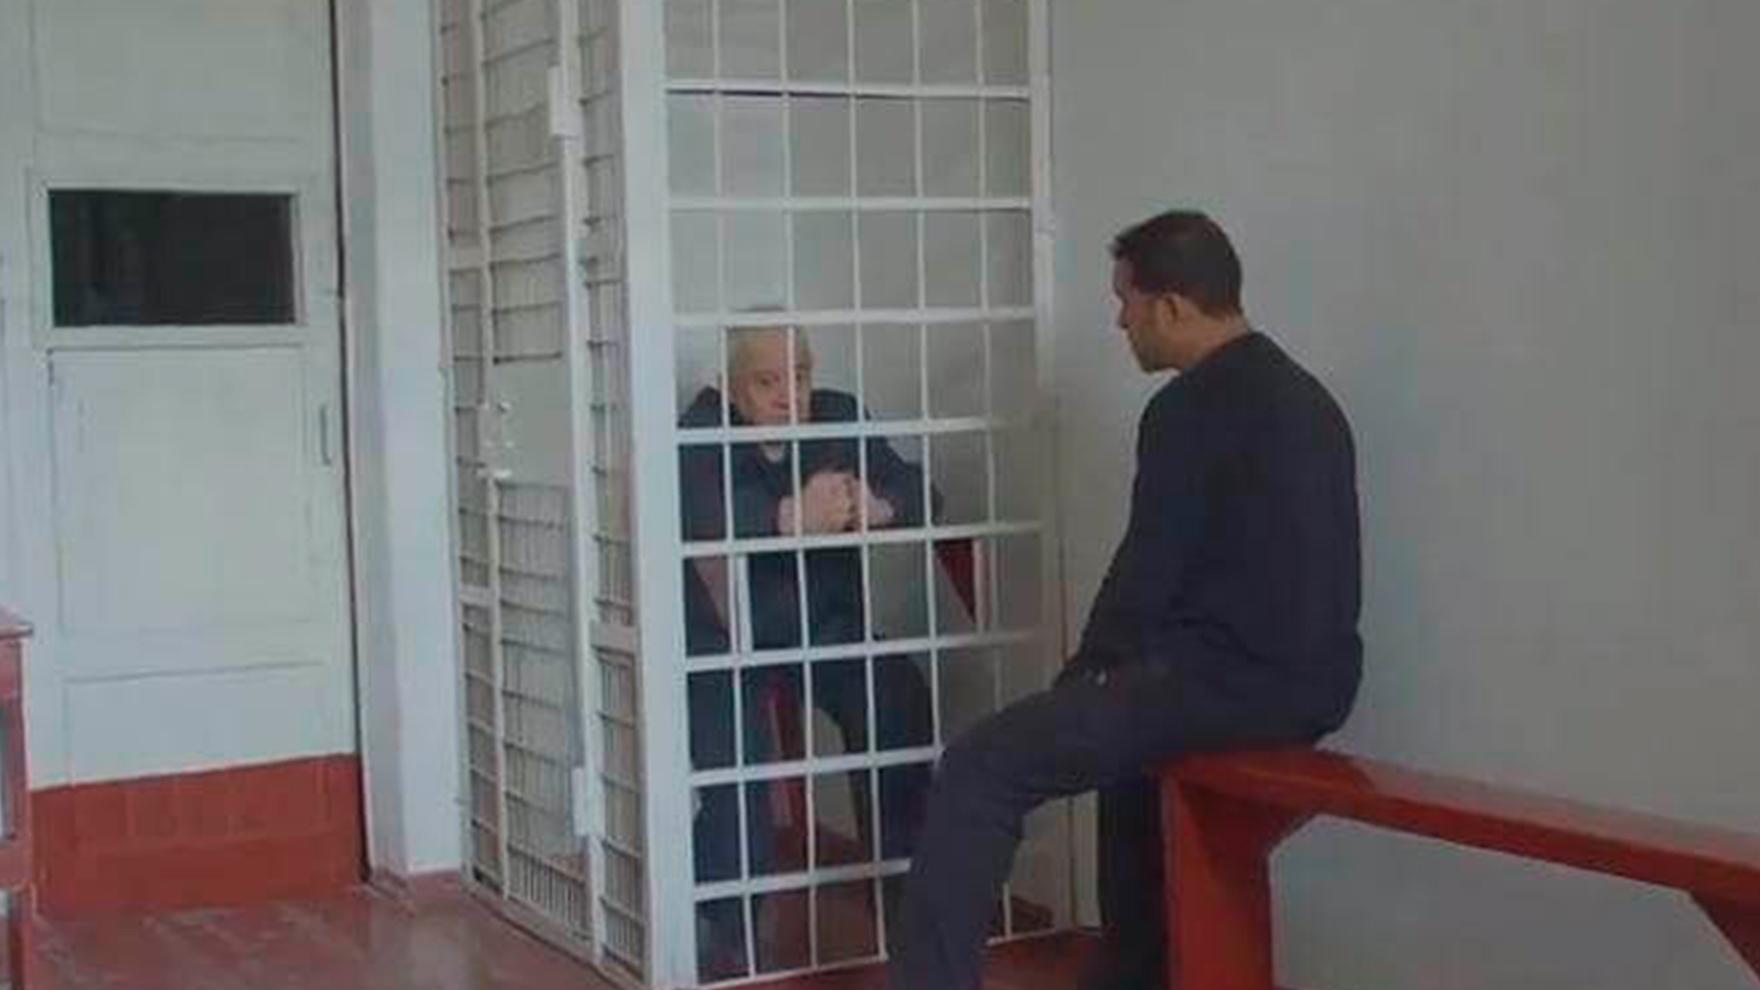 Interview-with-Tkach-behind-Cage-in-Ukraine-Prison